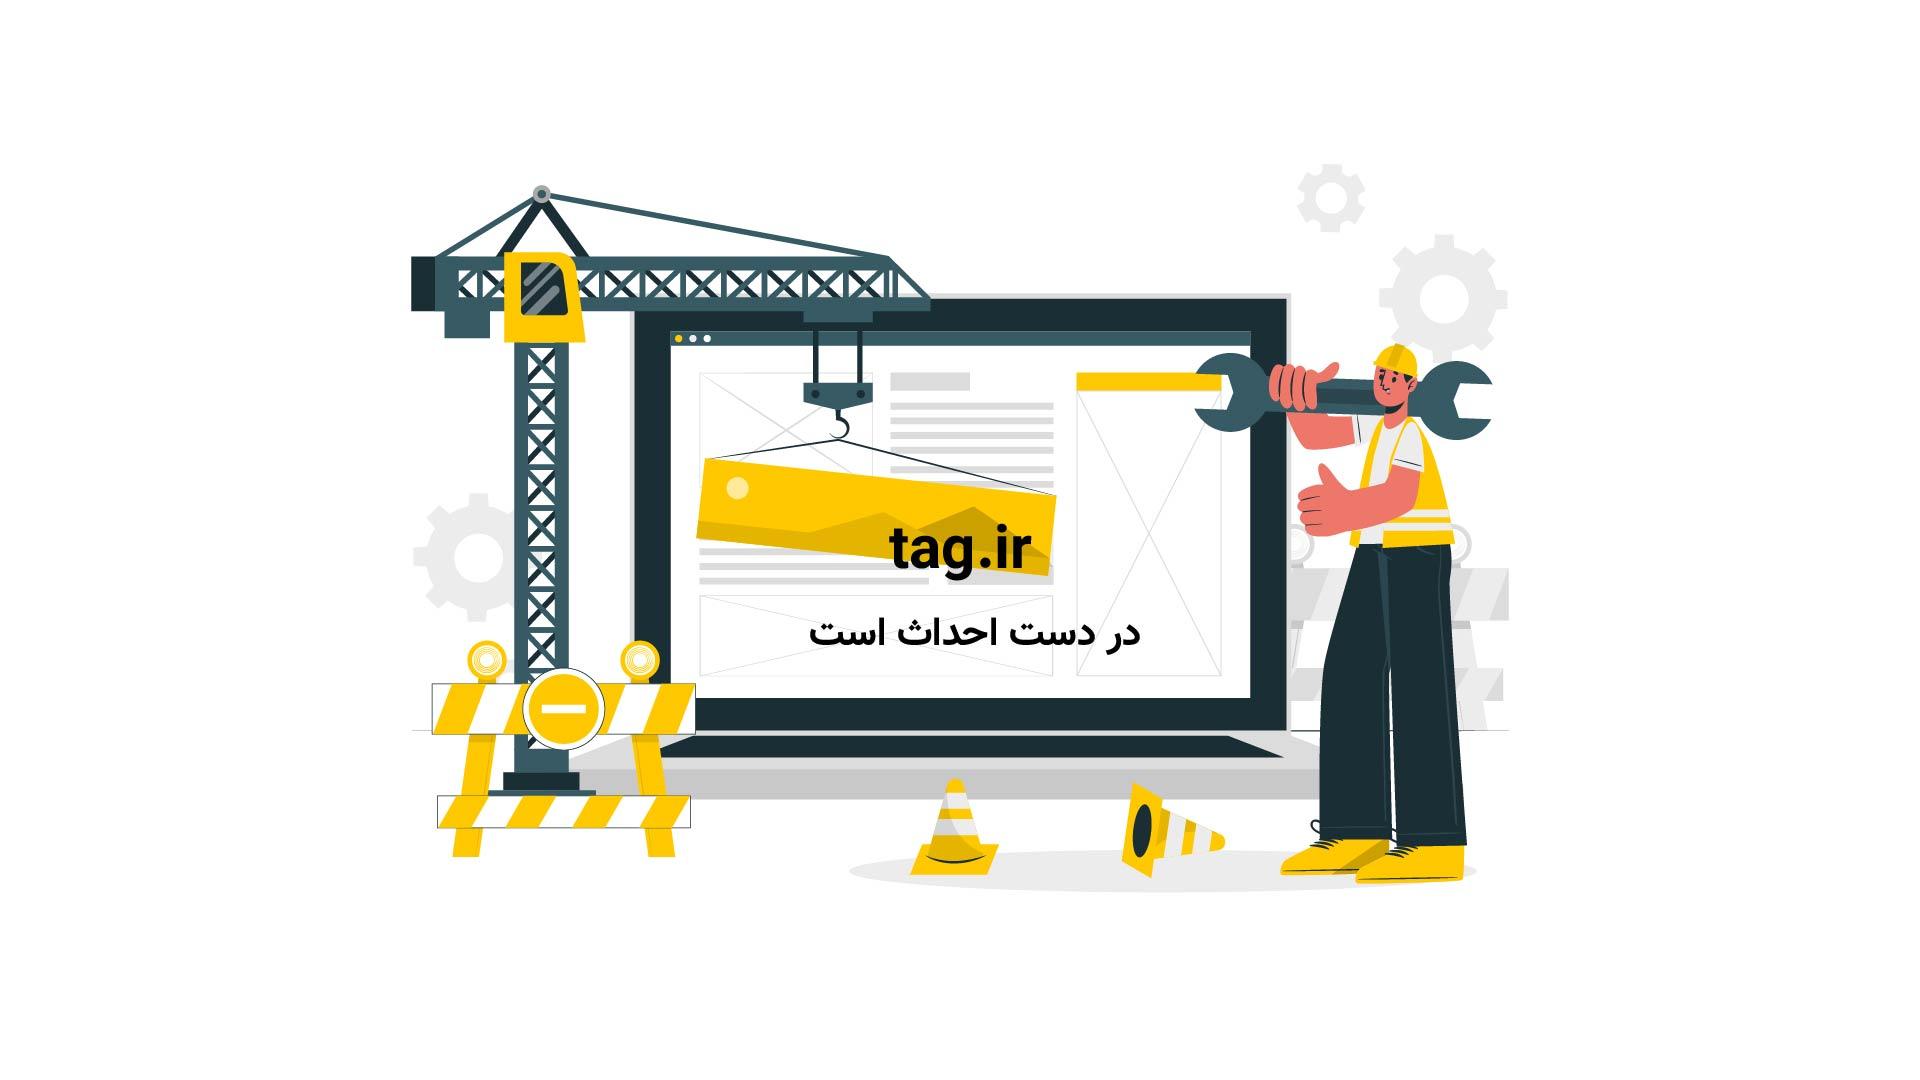 سخنان تاثیرگذار آیت الله هاشمی در جلسه انتخاب رهبر معظم انقلاب | فیلم